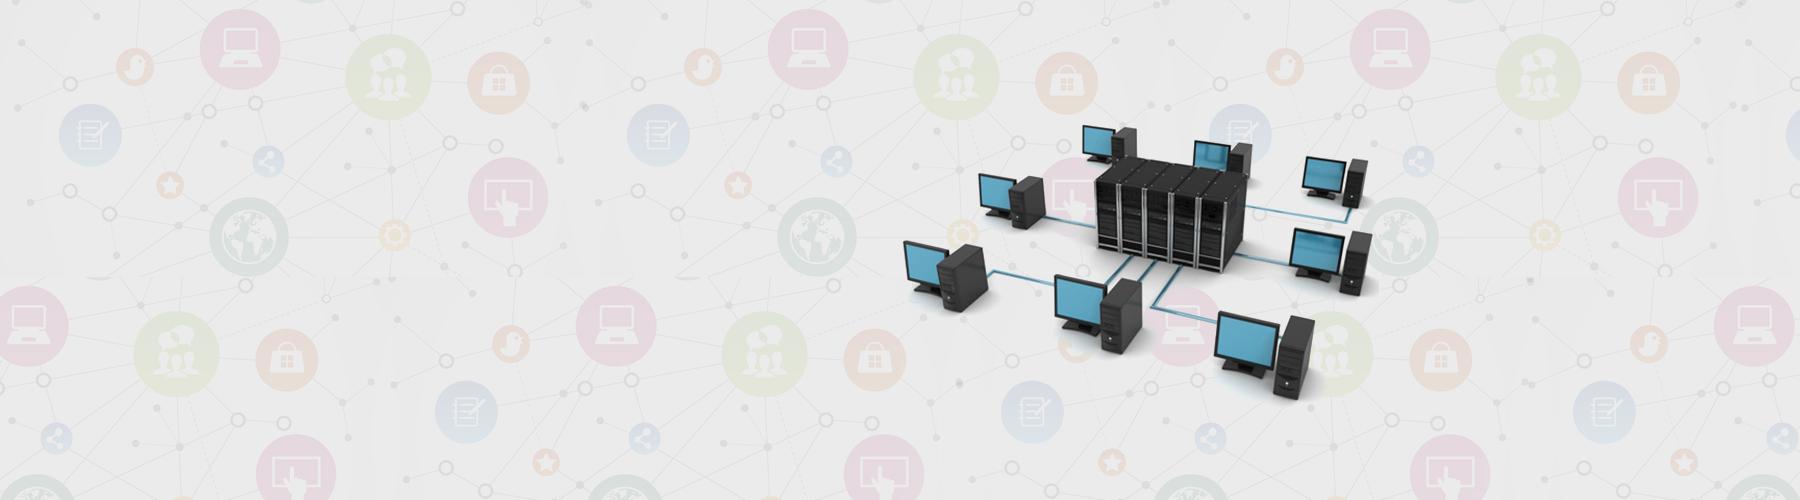 Soluções Corporativas - V7 Telecom